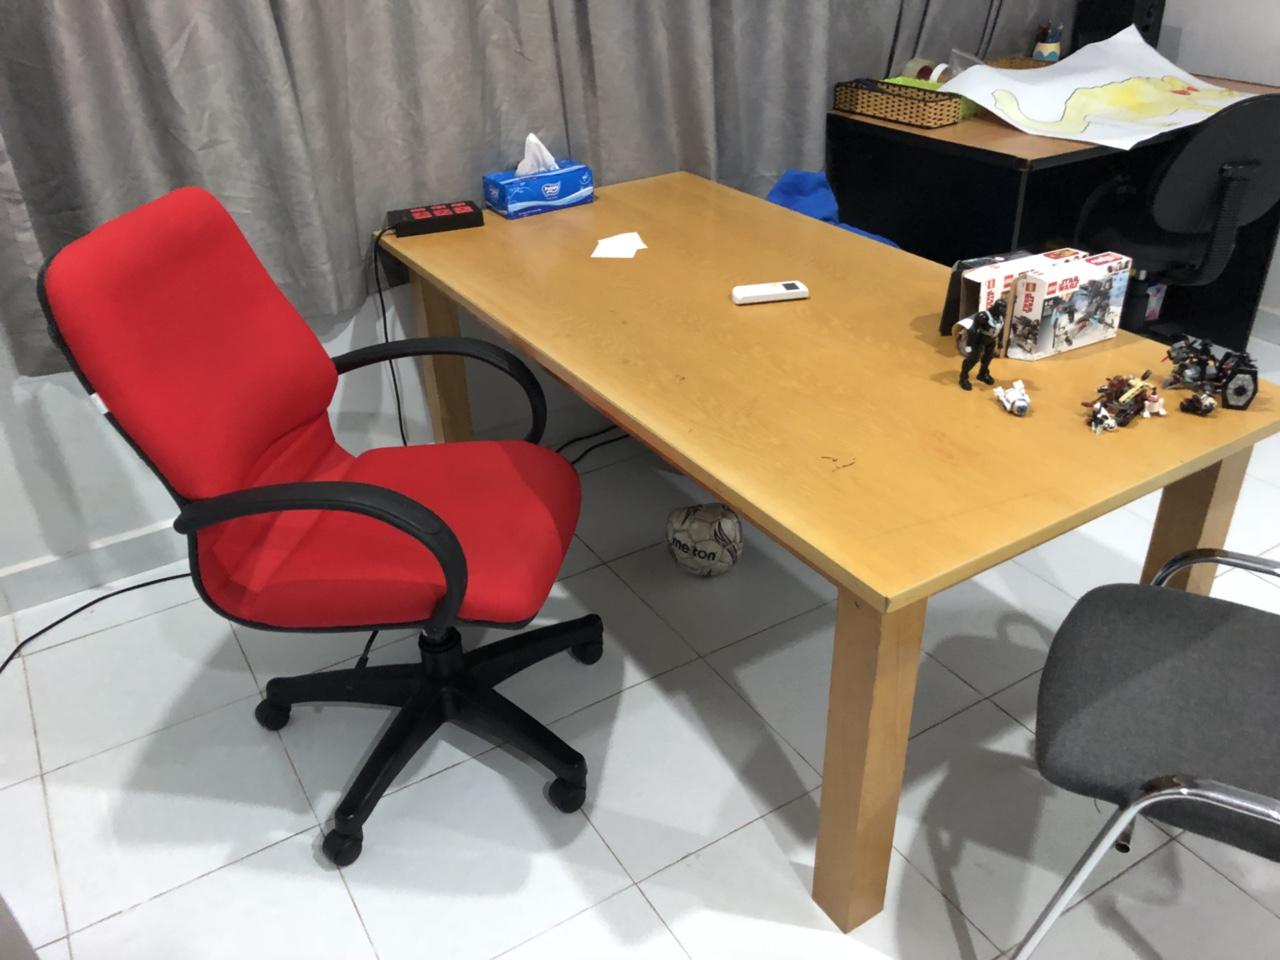 Thu mua bàn ghế cũ văn phòng tại quận Bình Tân.